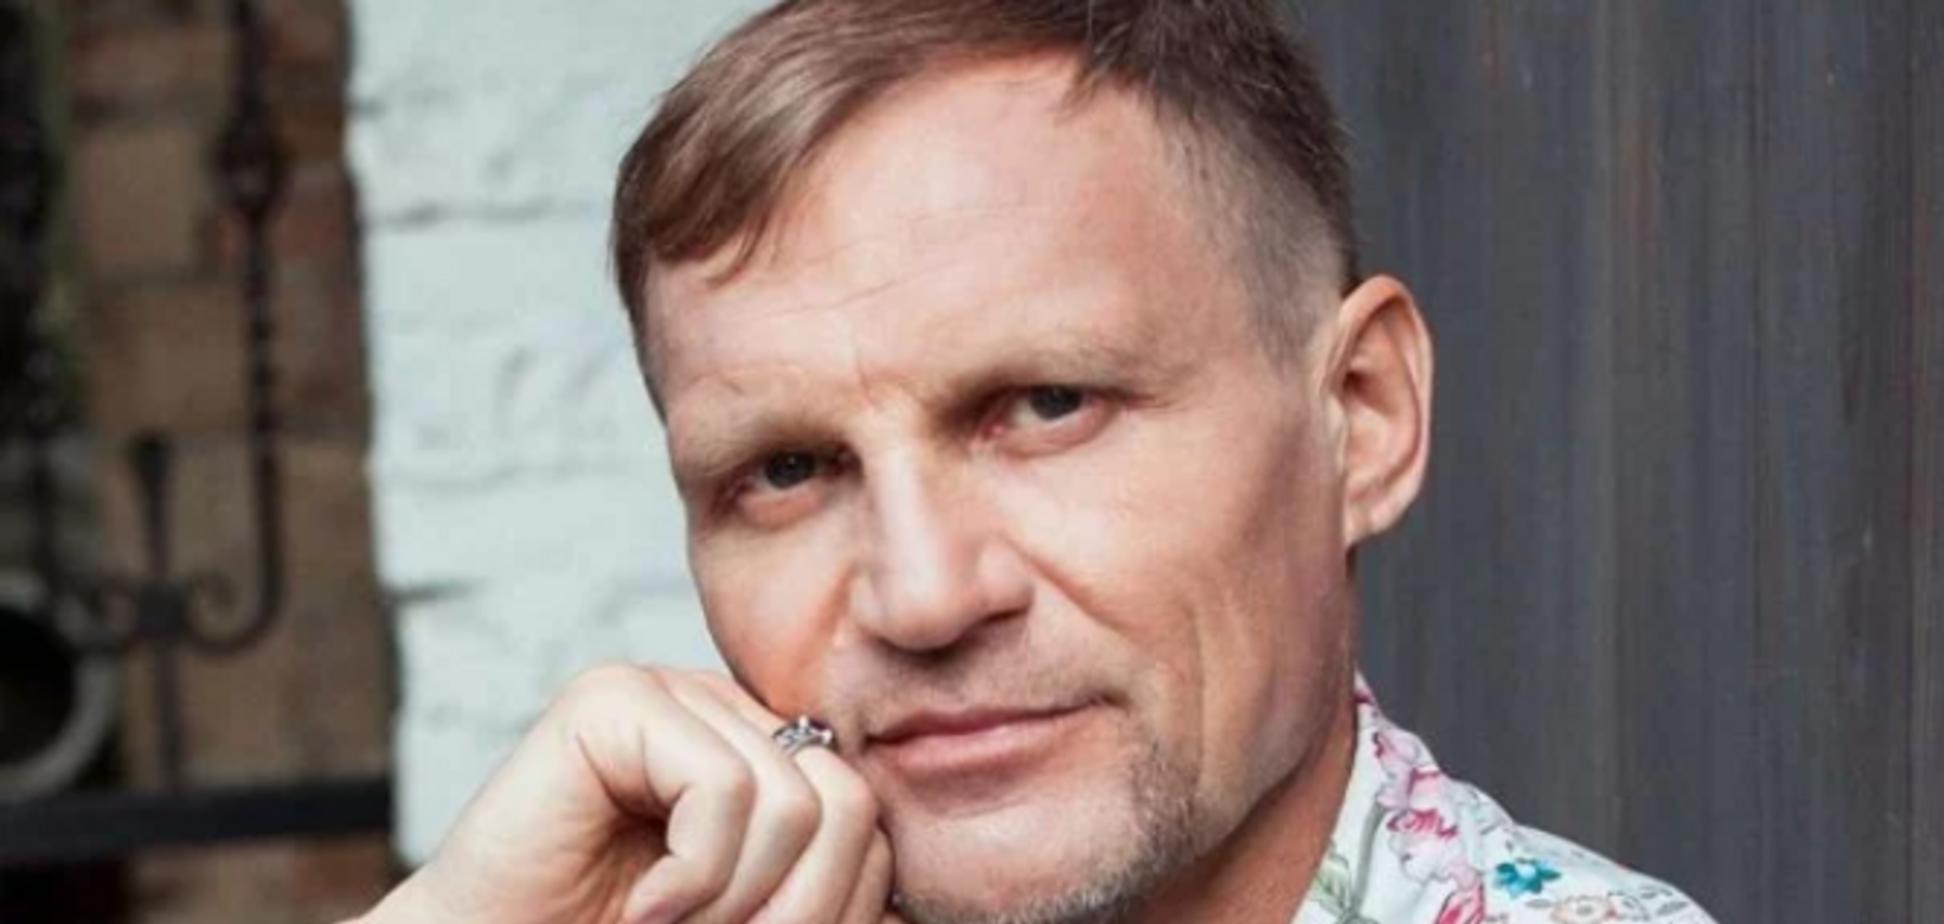 Прем'єра до ювілею: Олег Скрипка і 'Воплі Відоплясова' представляють трек 'А-я-я-й'